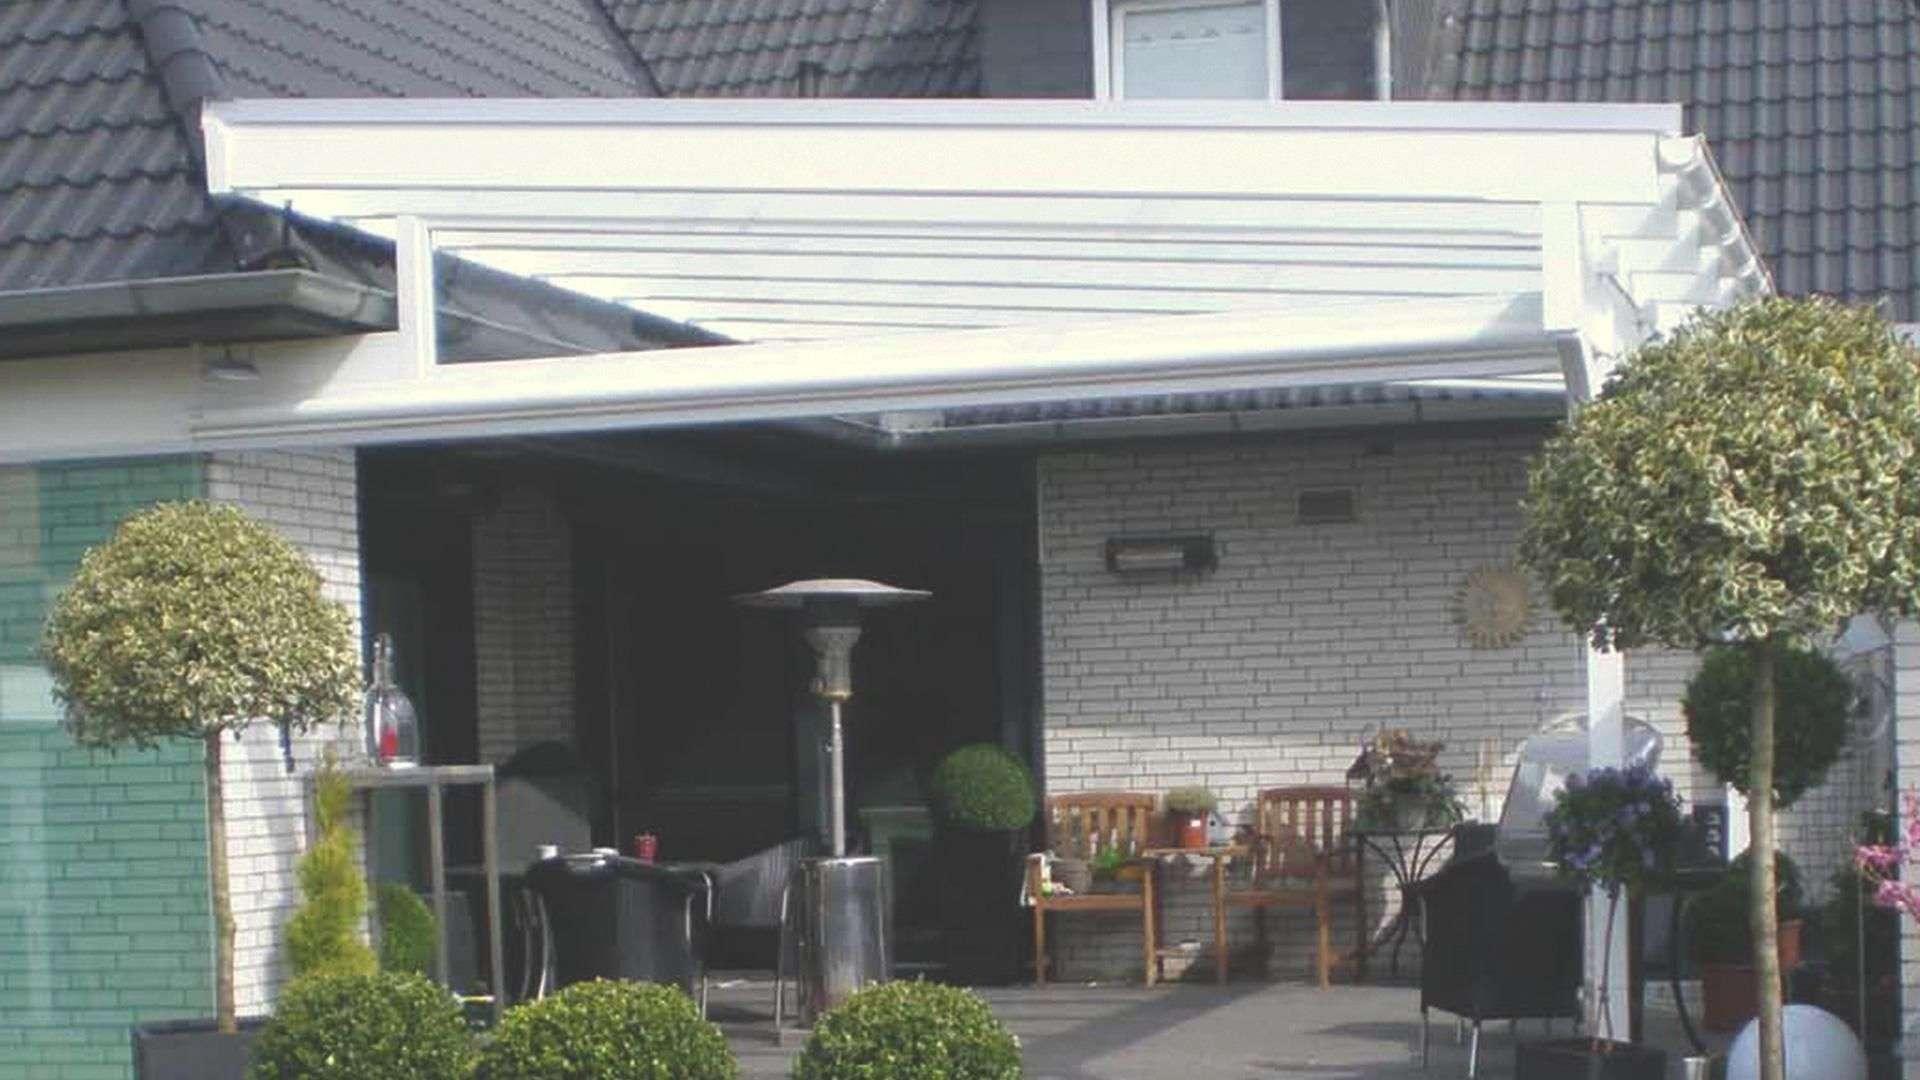 Sonderlösung eines Terrassendaches, welches auf der Dach des Hauses montiert wurde